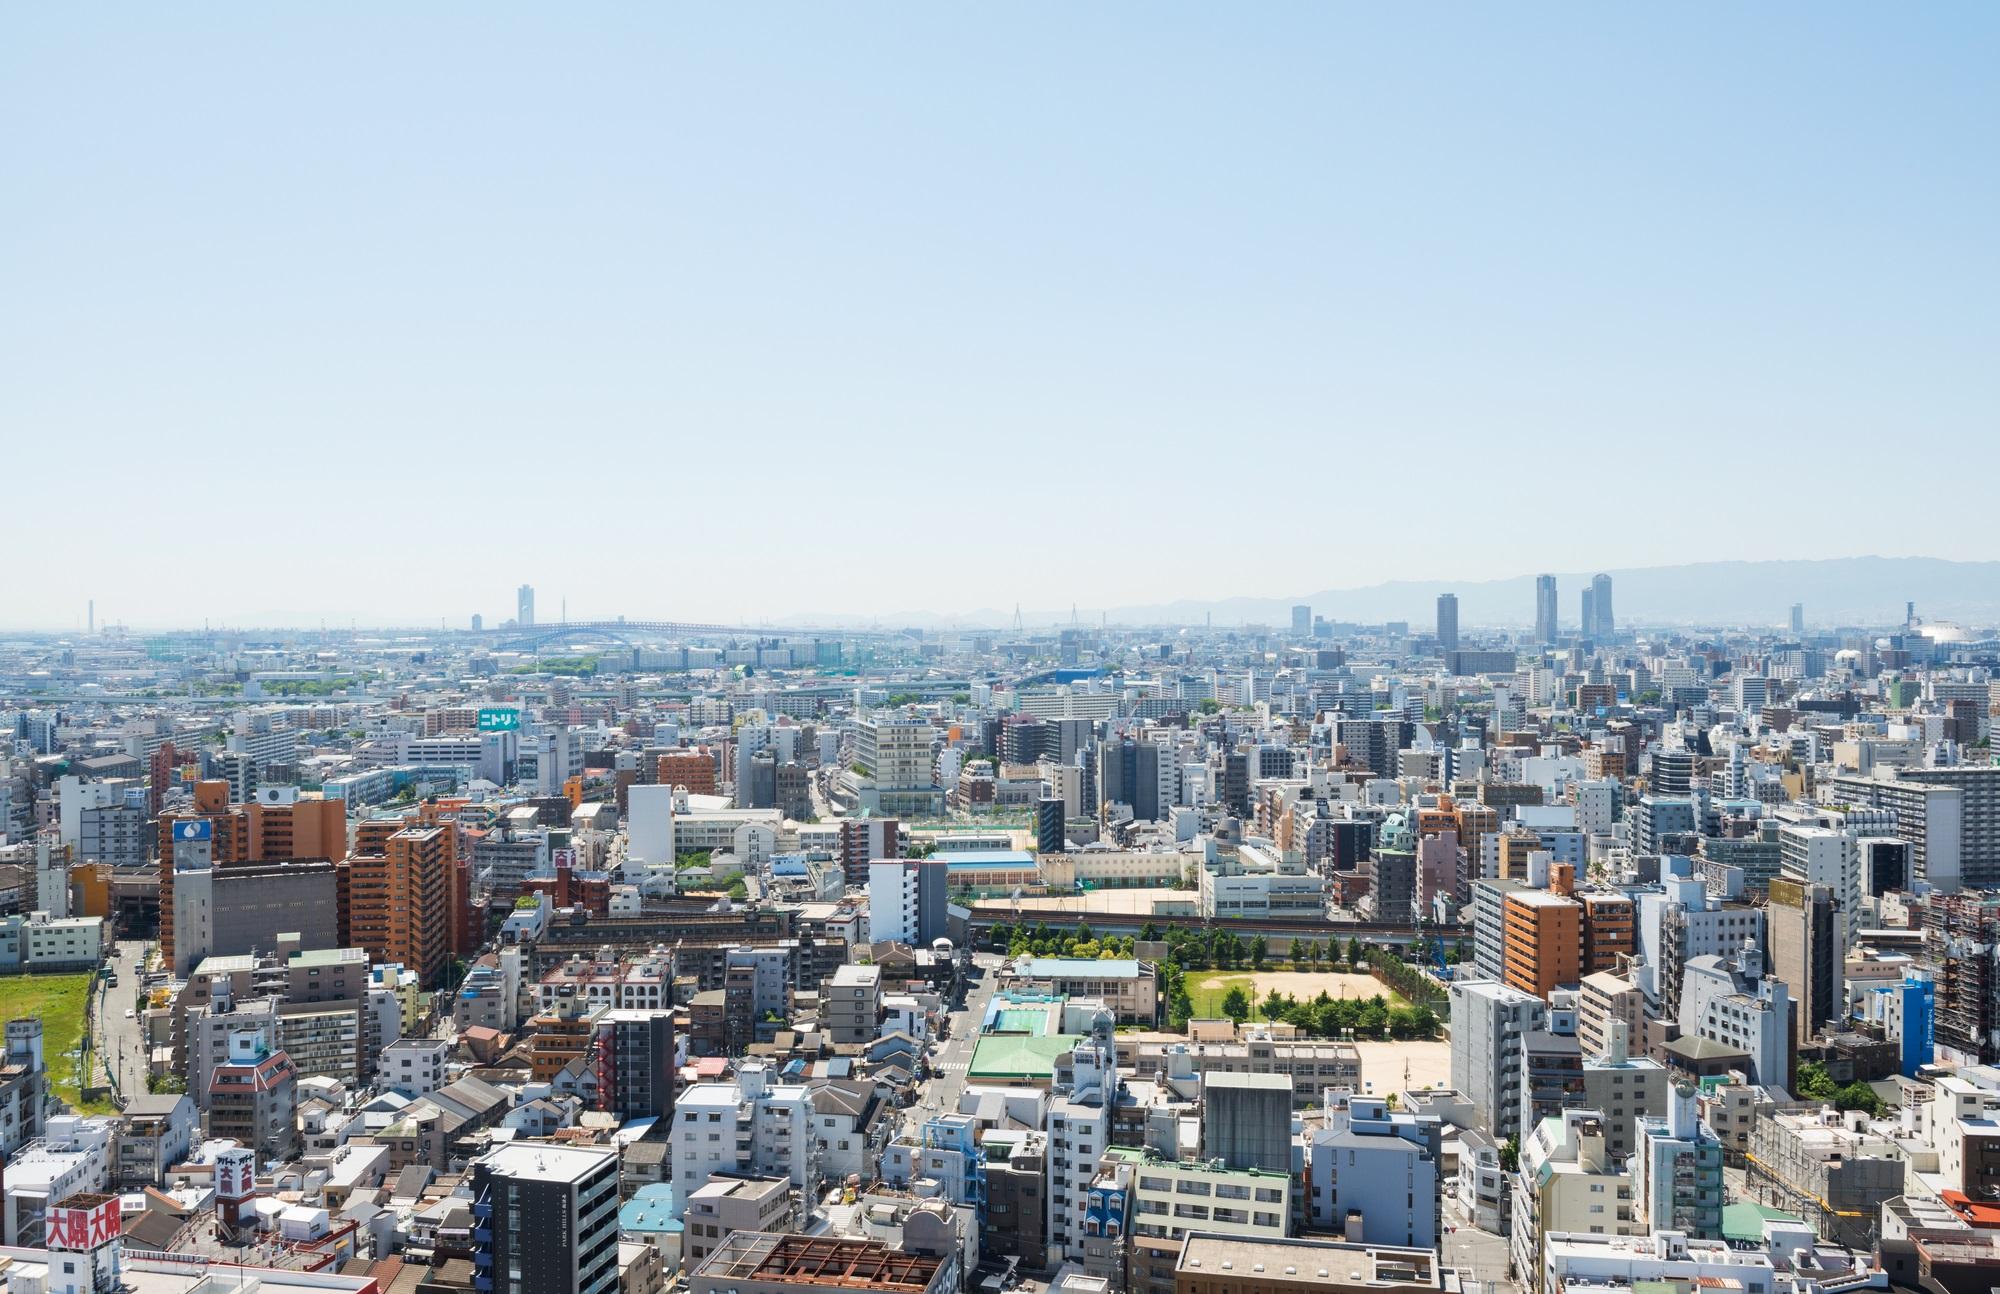 【専門家執筆】平成29年の10月から施行された住宅セーフティネット制度で何が変わる?